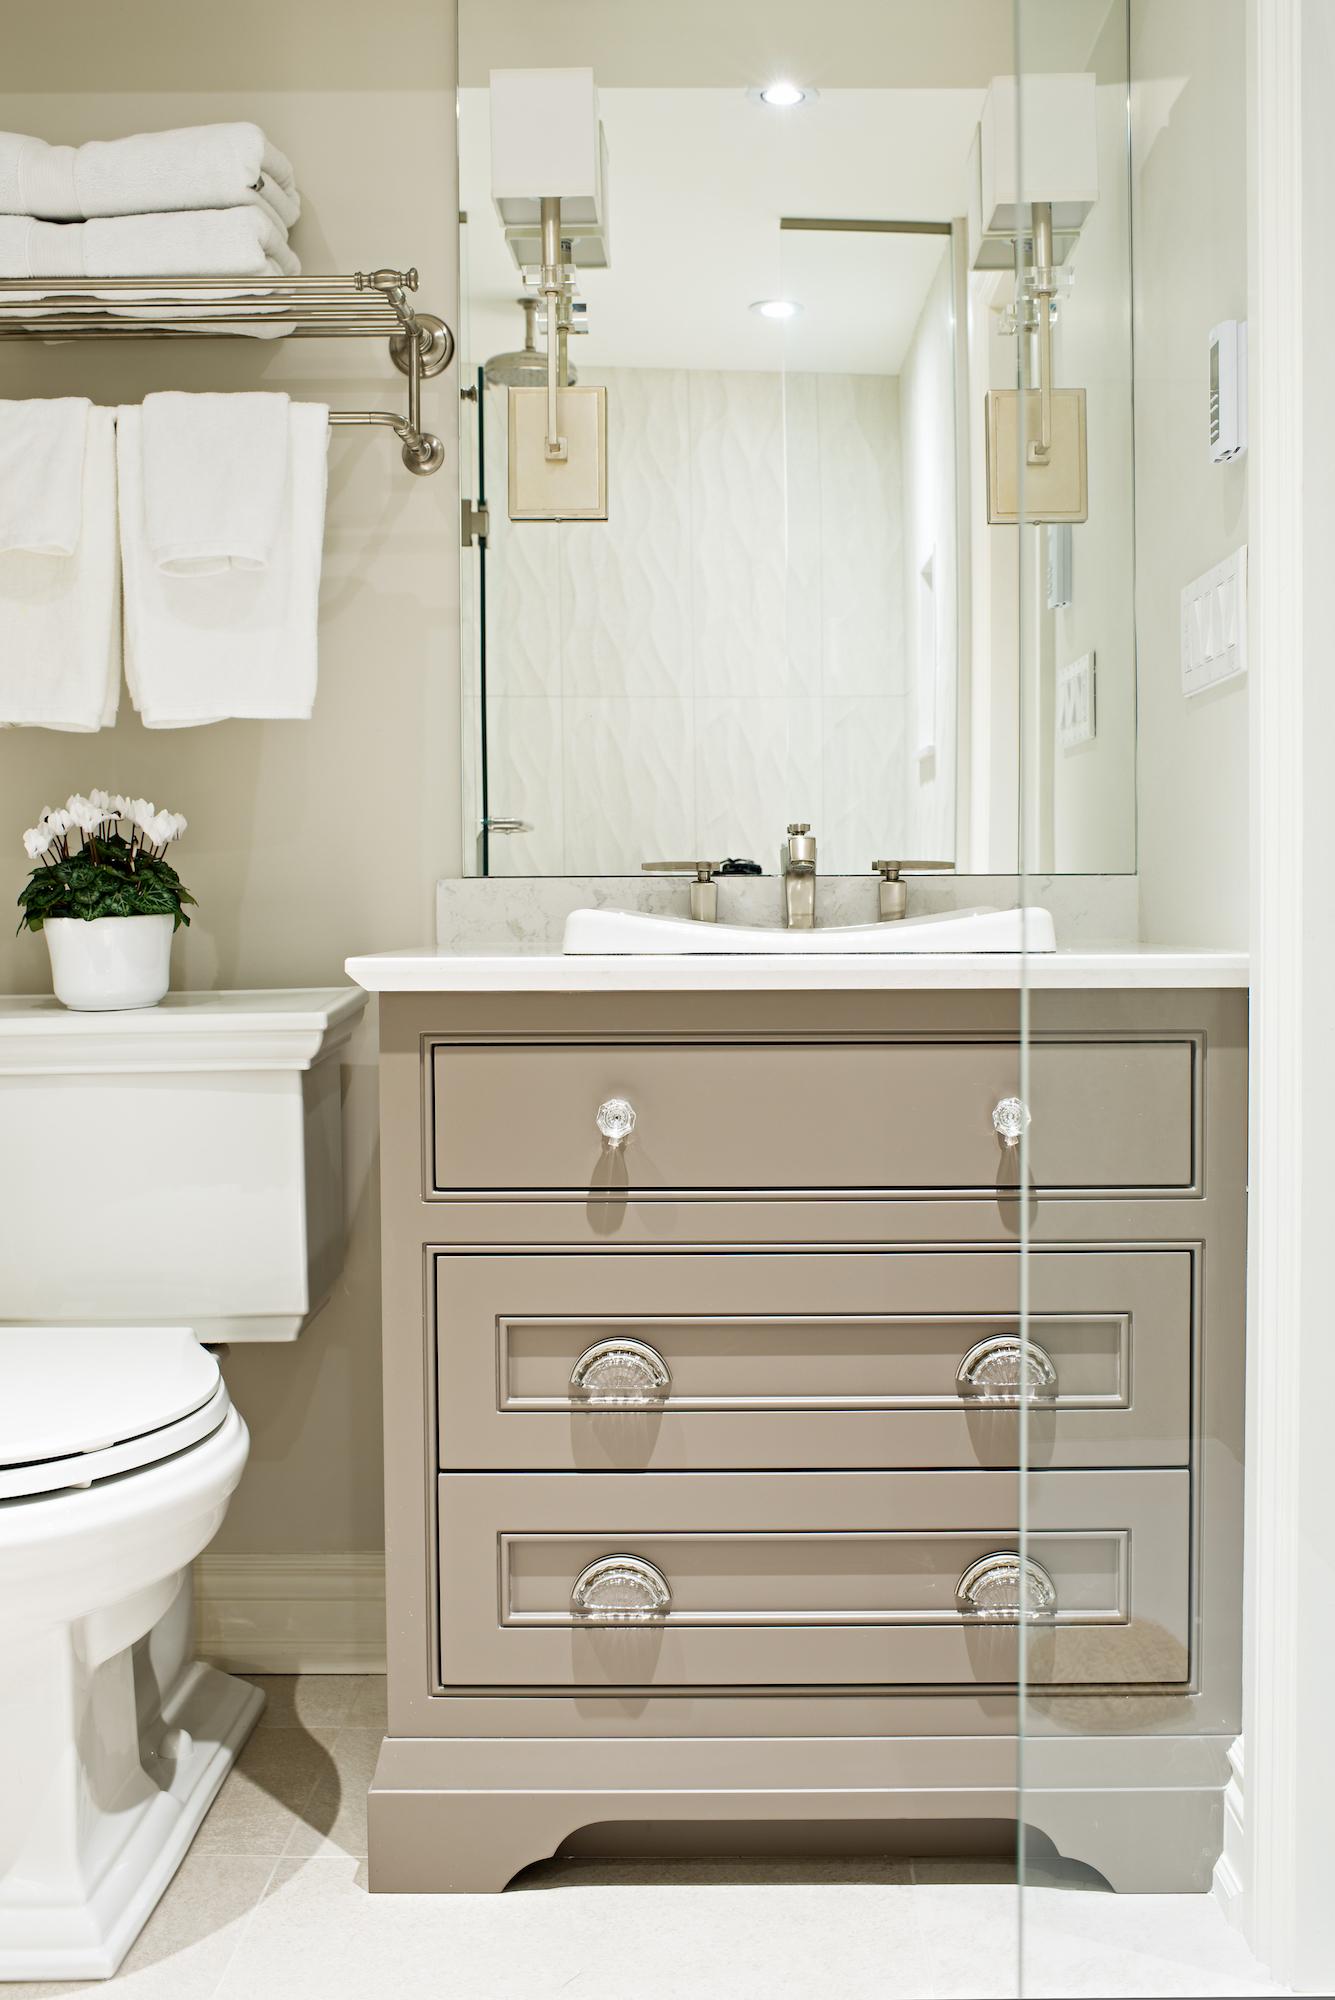 7 Pizzale Design Interior Decorating  bathroom elegant clean simple beige white.jpg